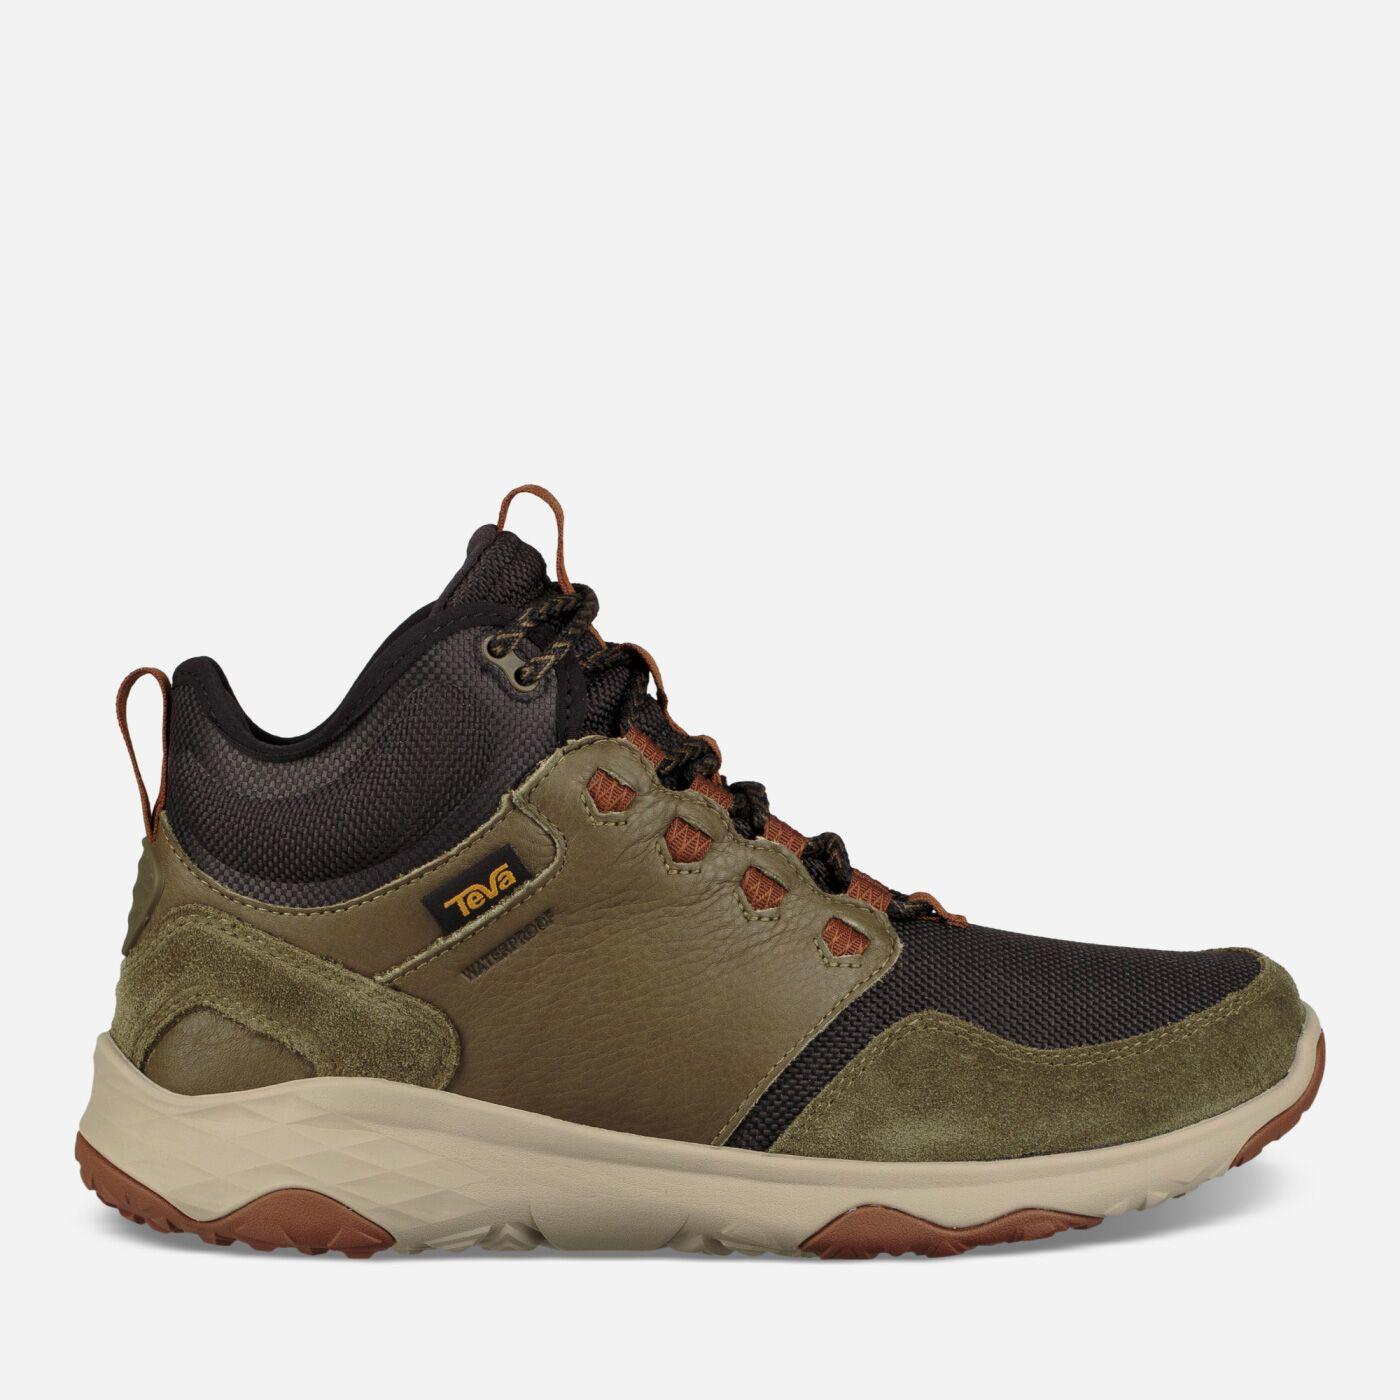 Sneaker boots, Sneakers men